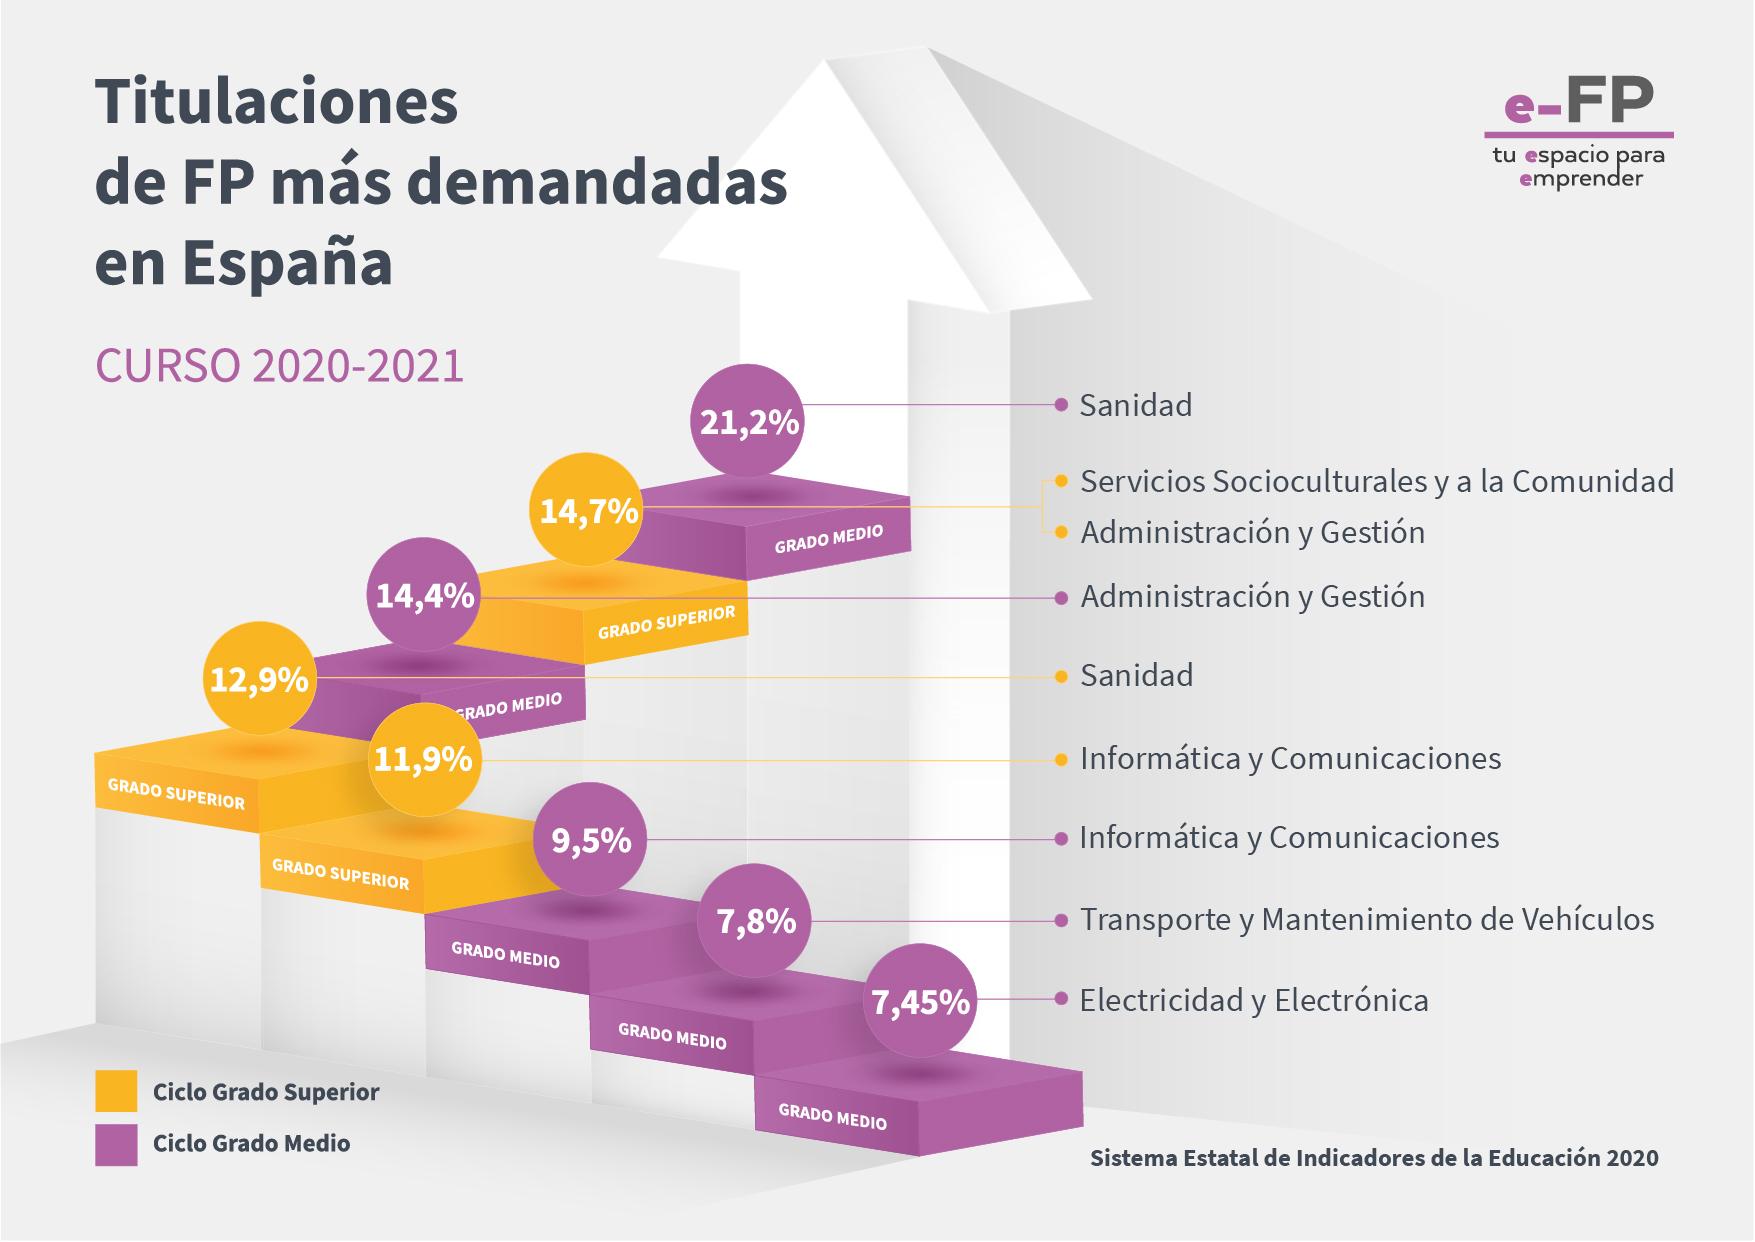 Titulaciones de FP más demandadas en España